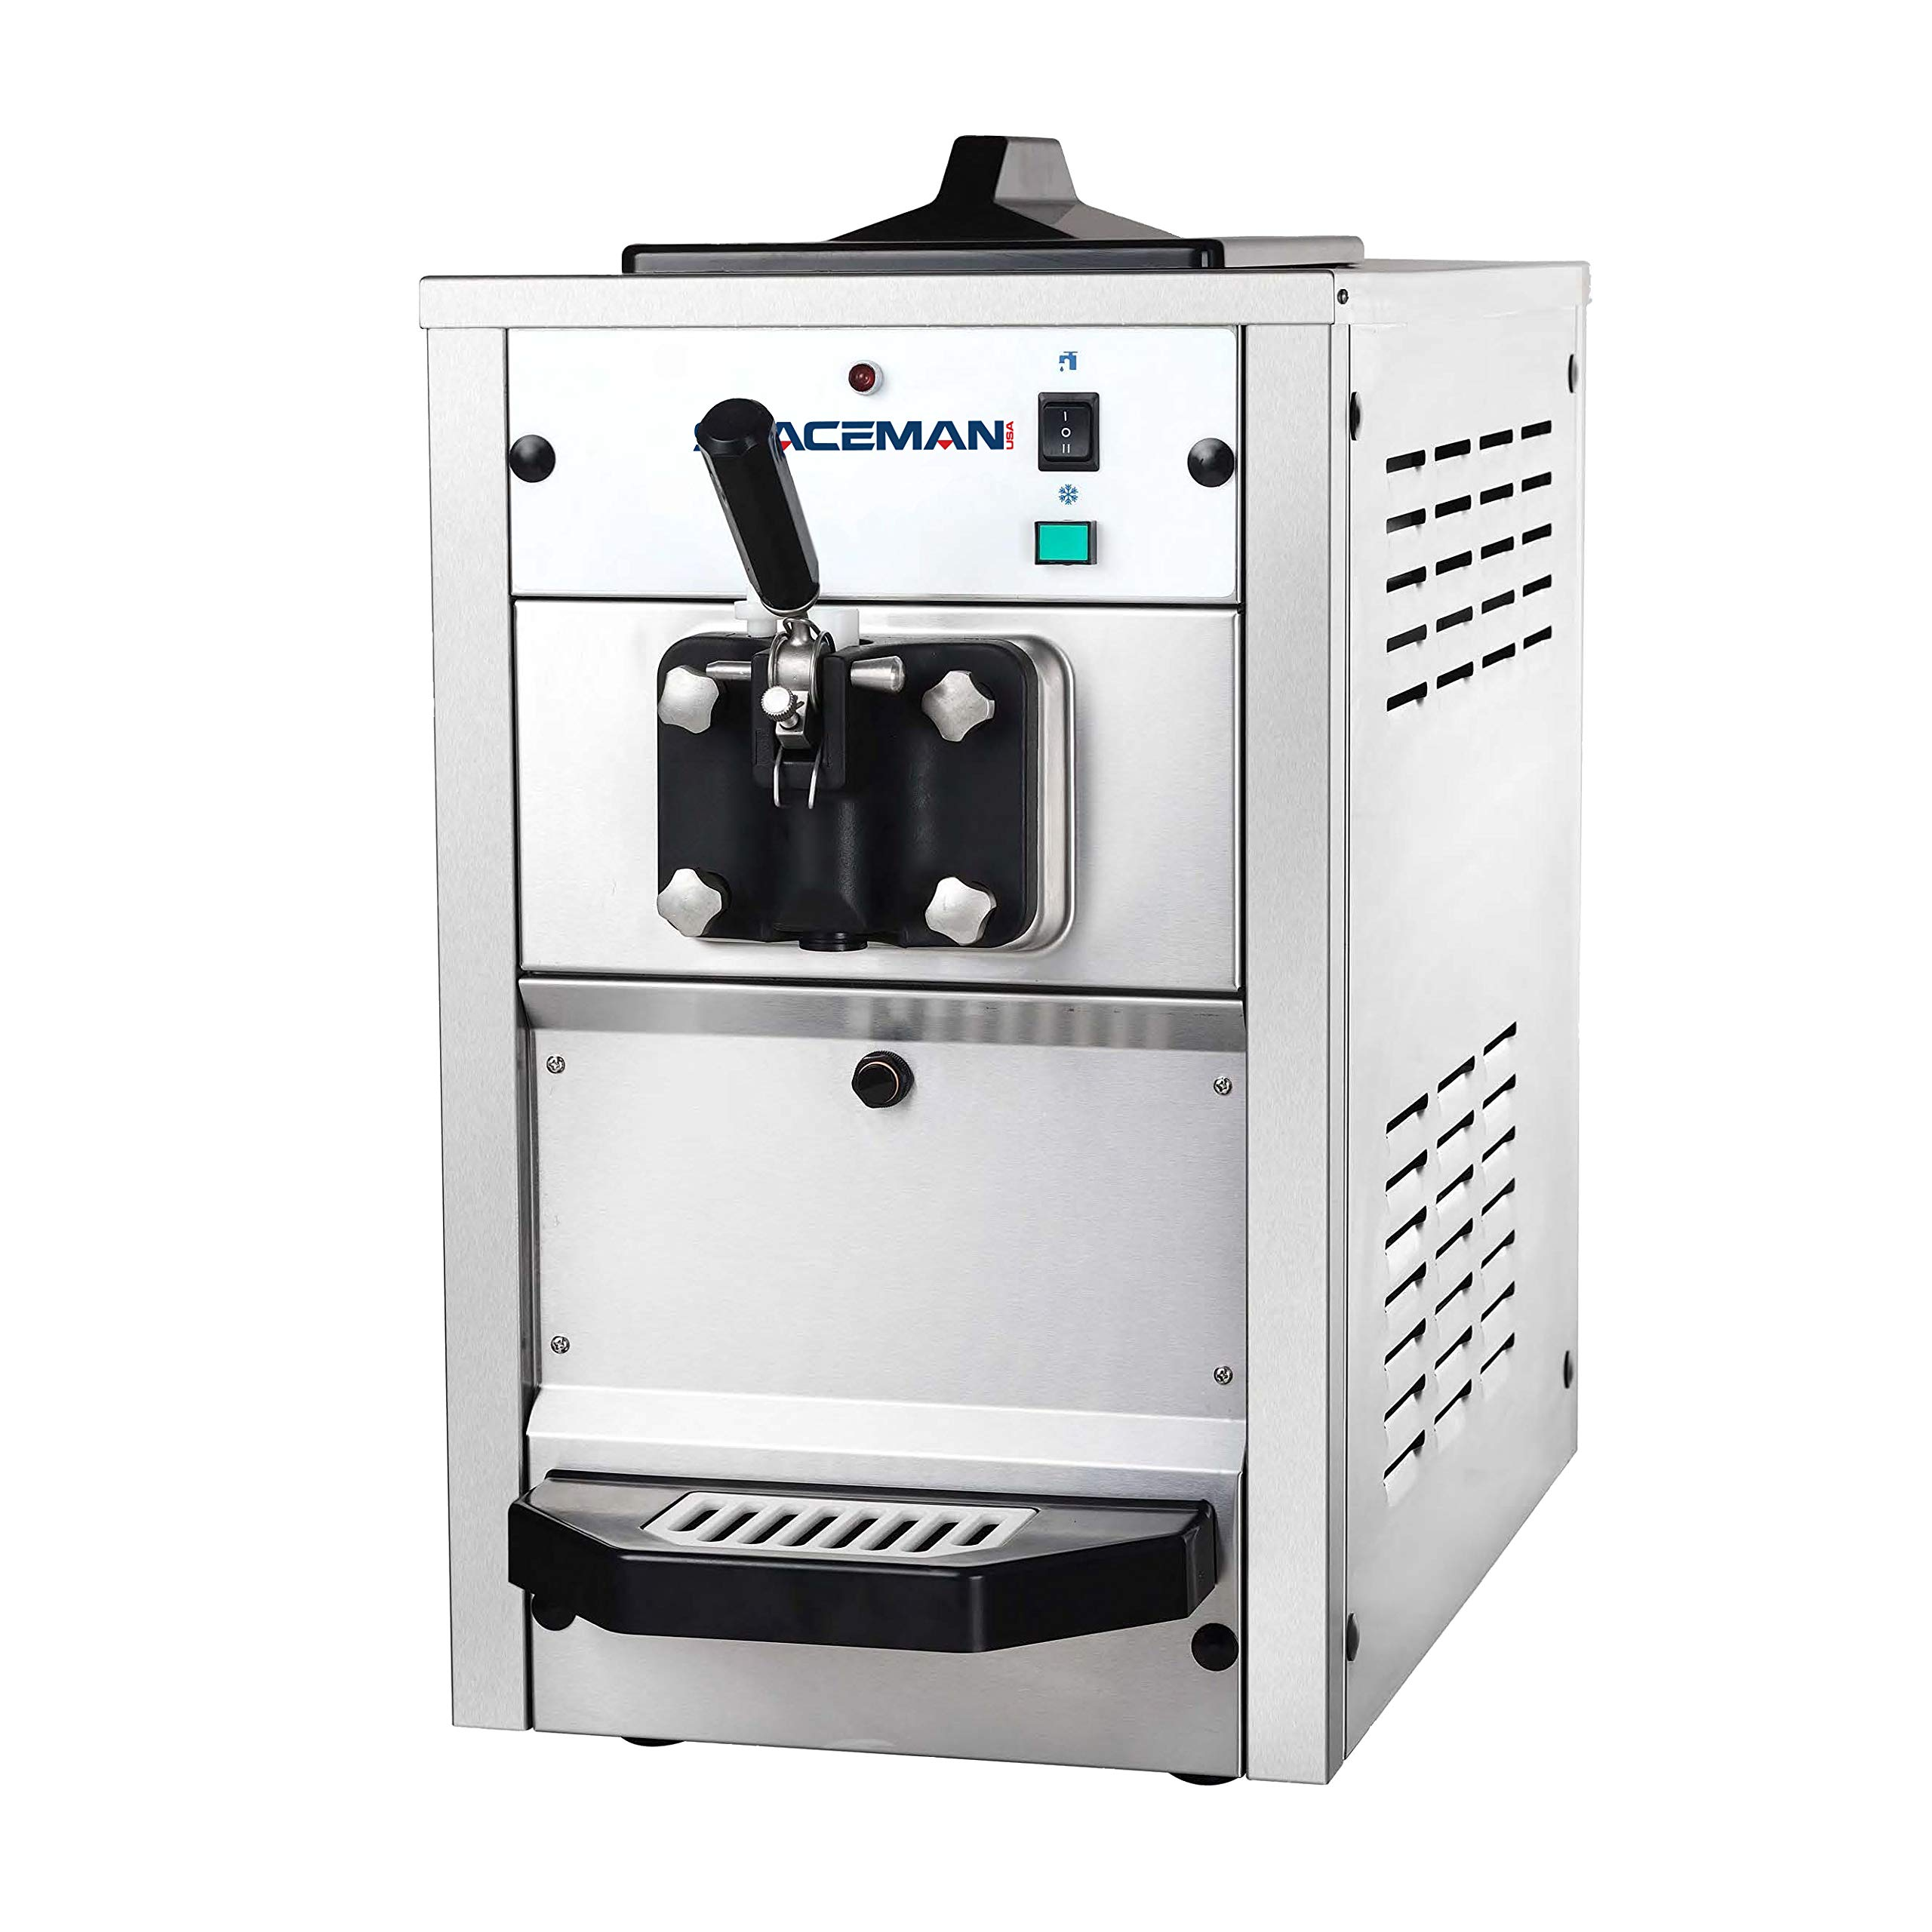 Spaceman 6210 Countertop Ice Cream Machine - Buy Online in ...